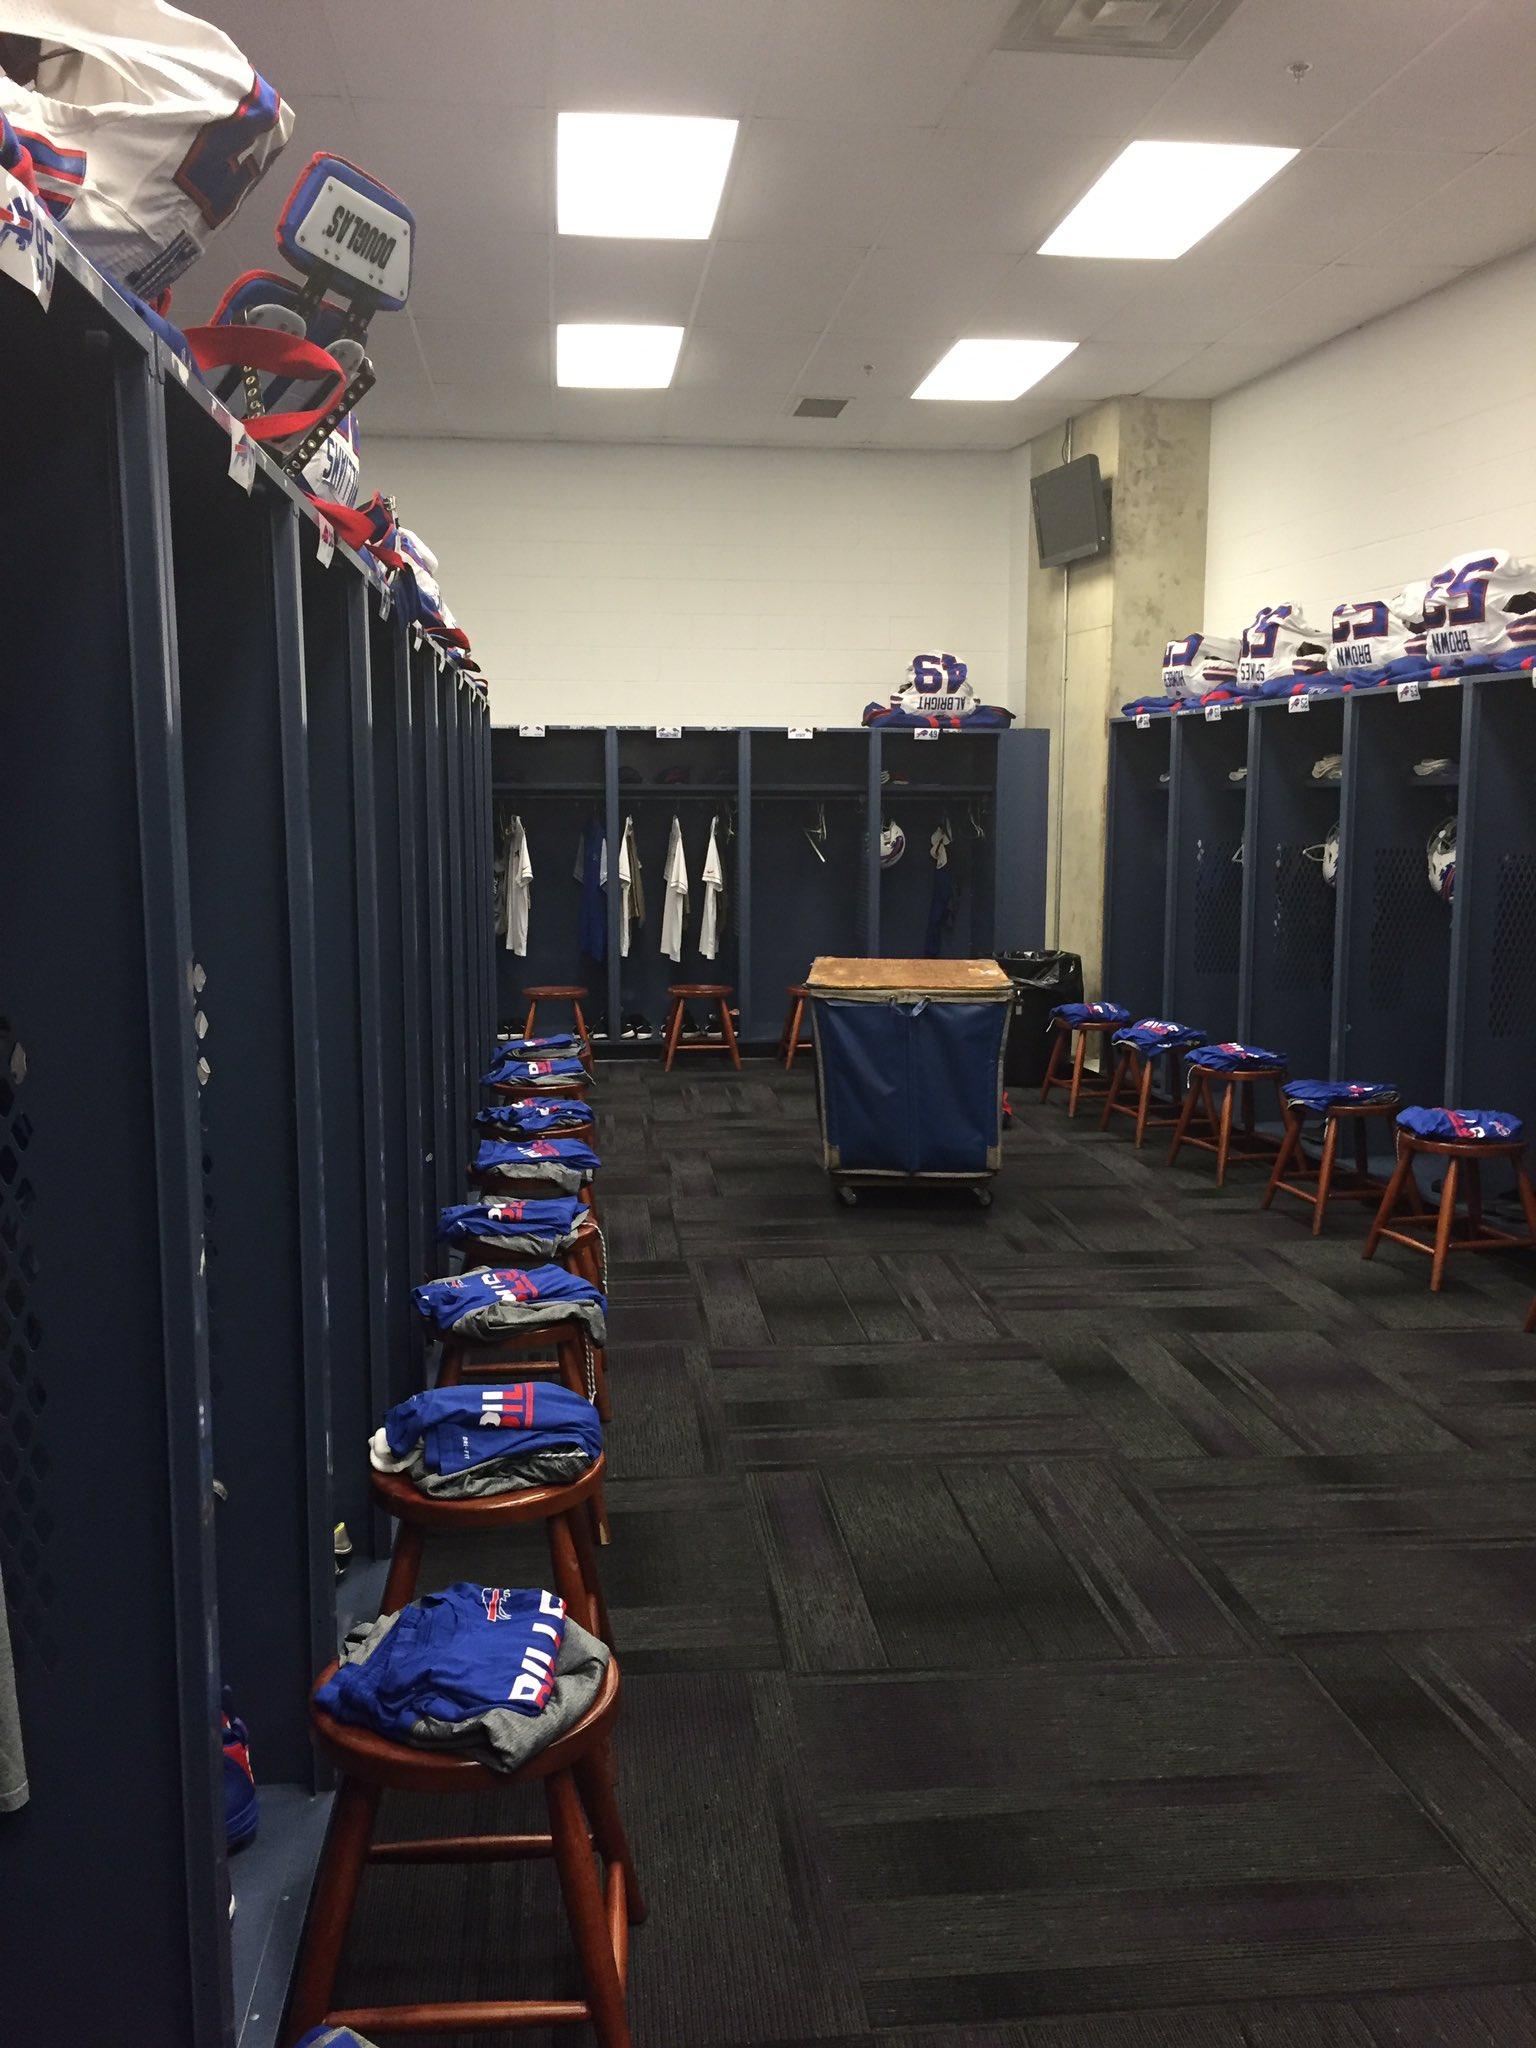 Locker room setup here in Baltimore Go #Bills https://t.co/9yFIsc9Ayk